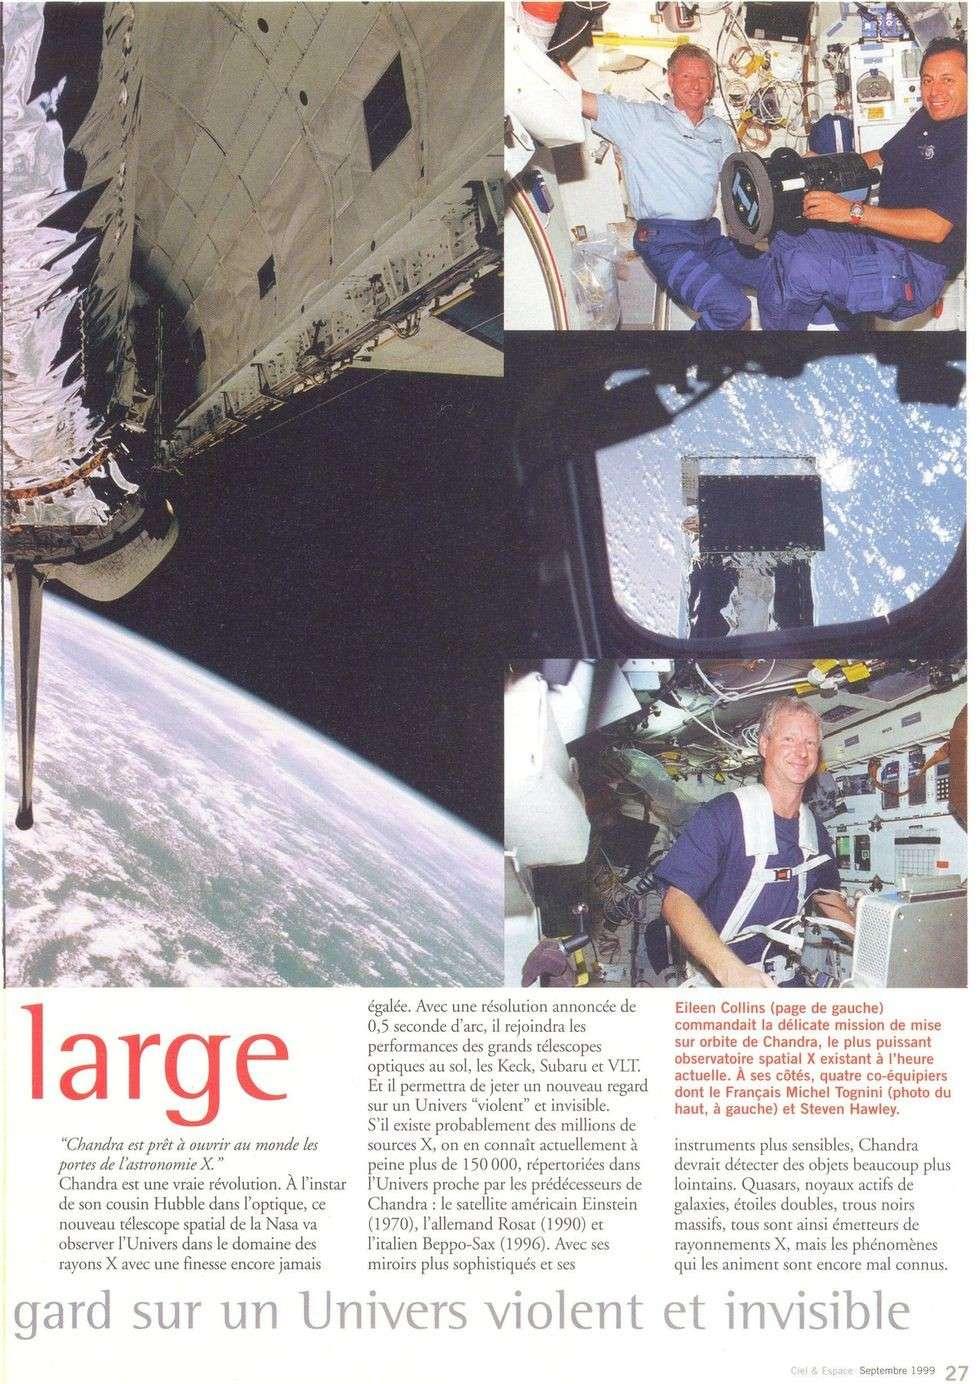 Michel Tognini - 3ème Français dans l'espace 99090011